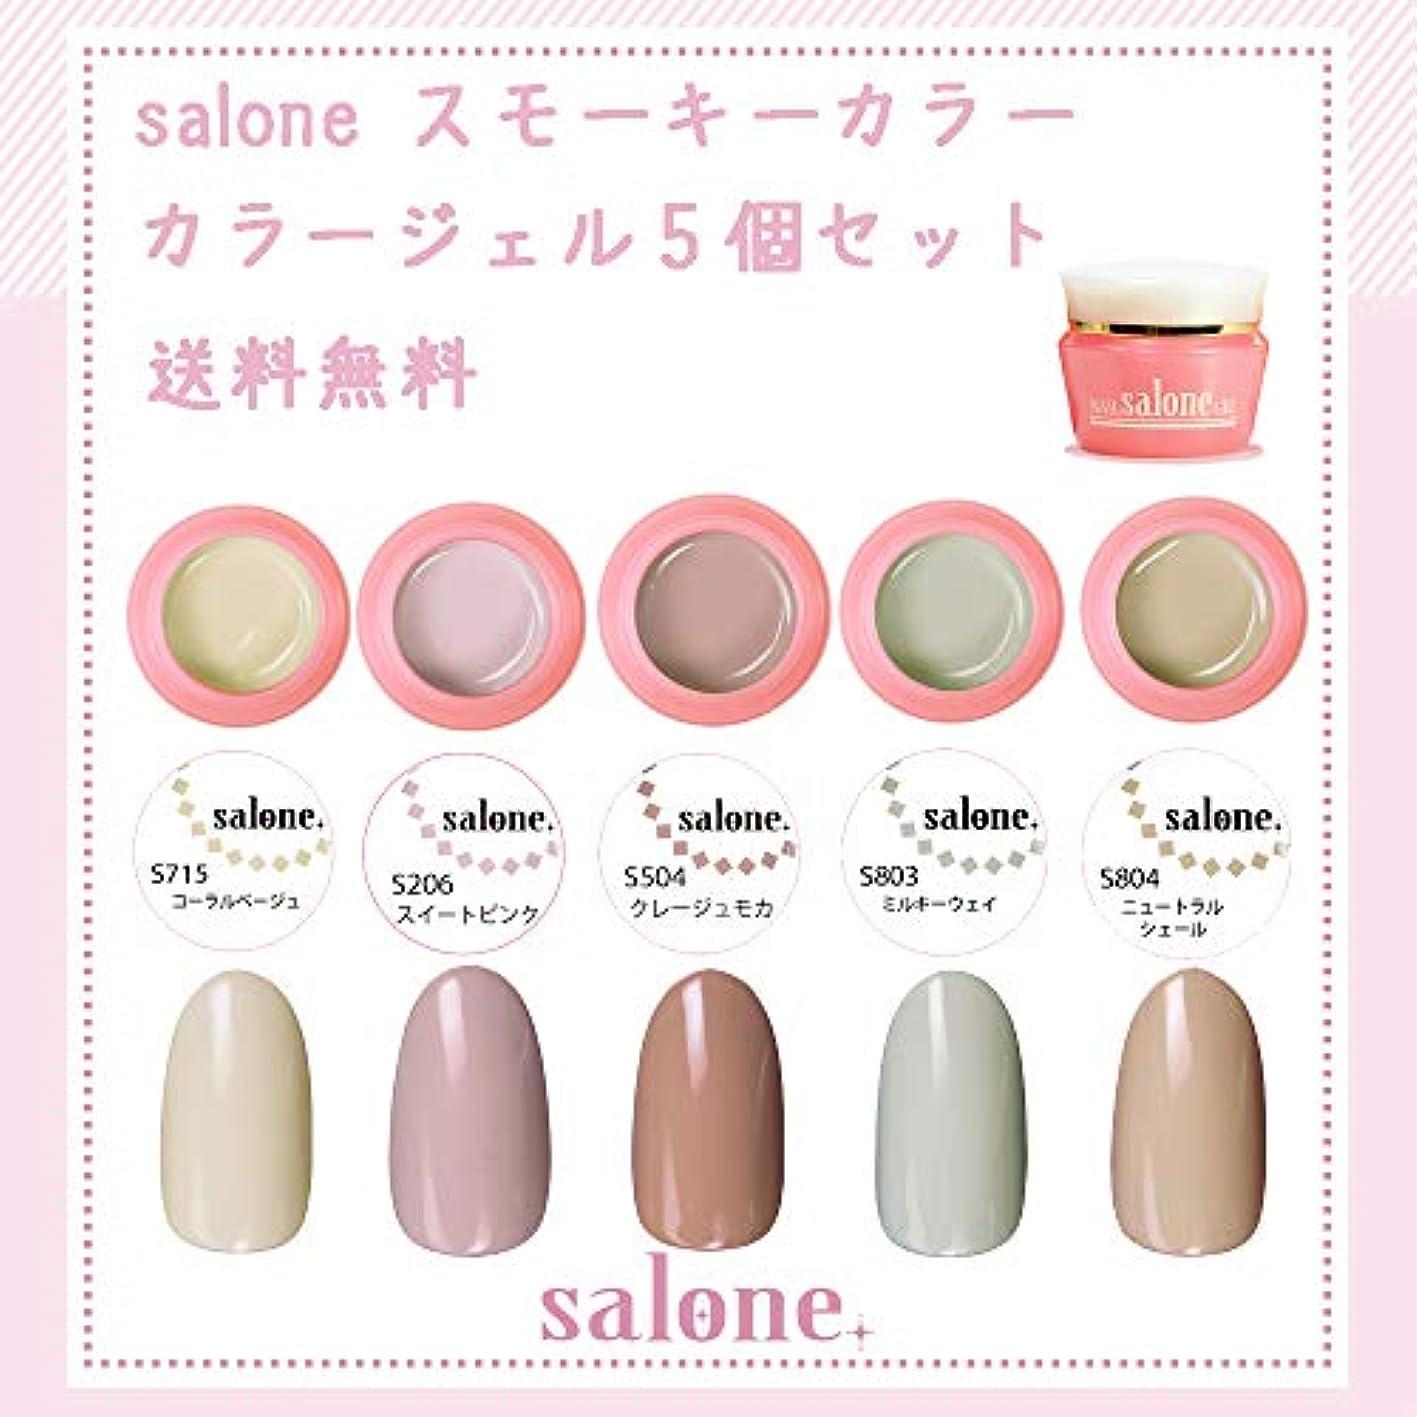 急ぐポイントポジション【送料無料 日本製】Salone スモーキー カラージェル5個セット アンニュイなスモーキーなカラー